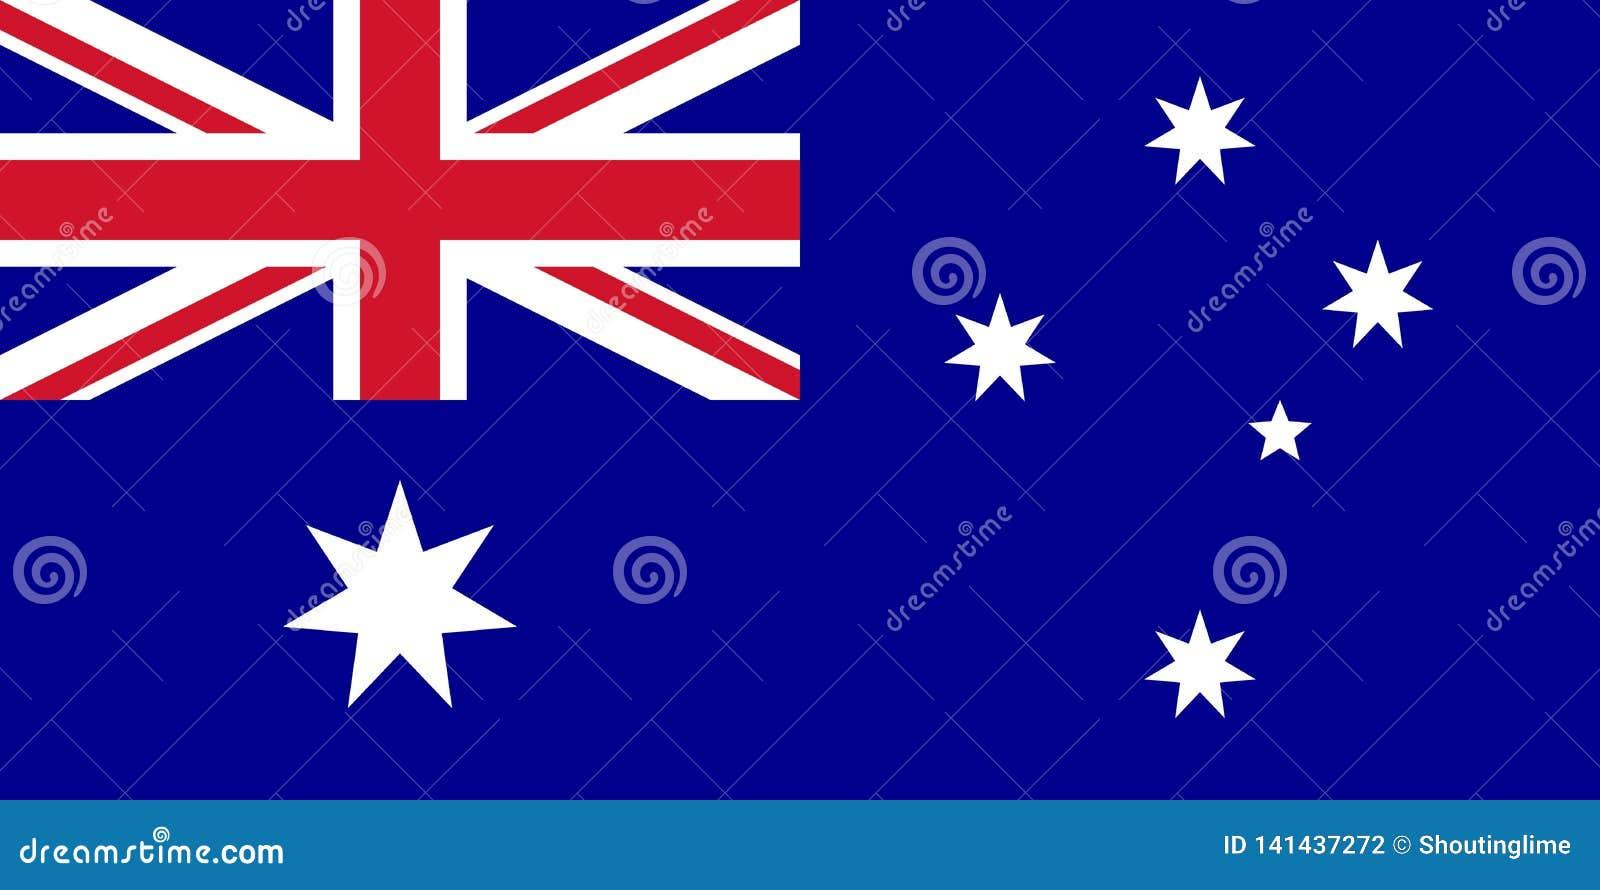 Το διάνυσμα σημαιών της Αυστραλίας απομονώνει για την τυπωμένη ύλη ή τον Ιστό